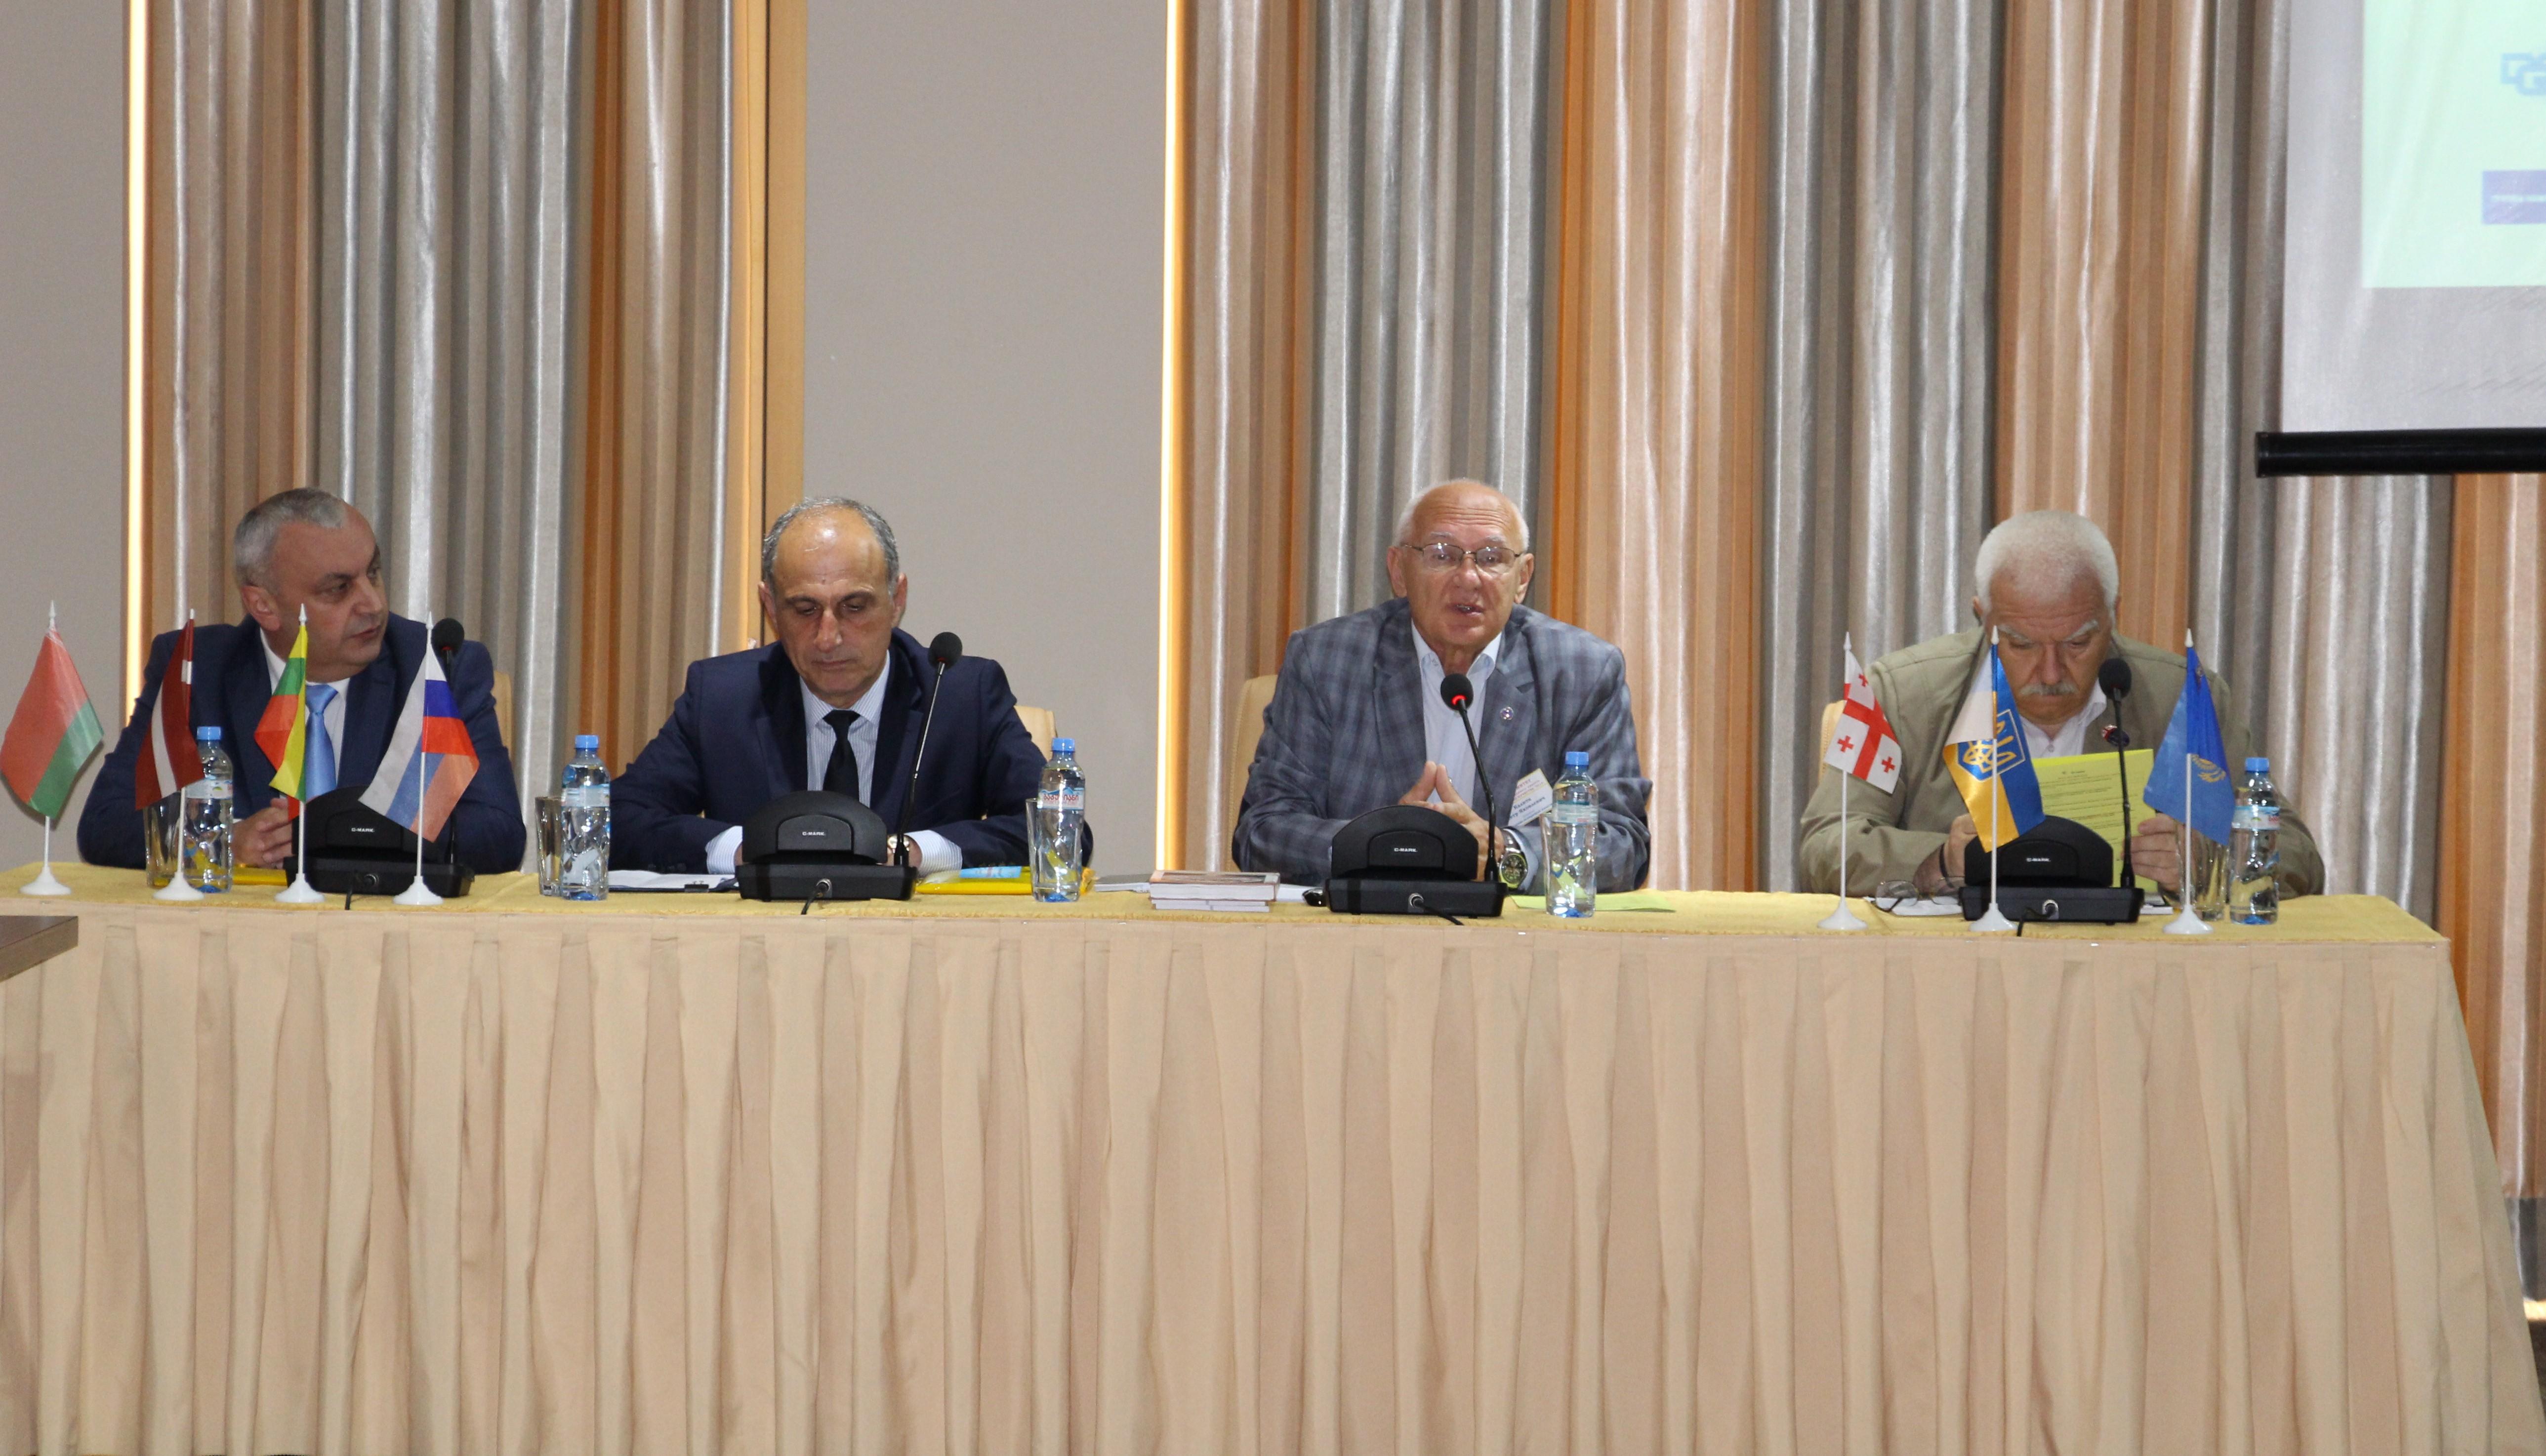 """საერთაშორისო კონფერენცია """"ხარისხის თანავარსკვლავედი - 2015"""""""